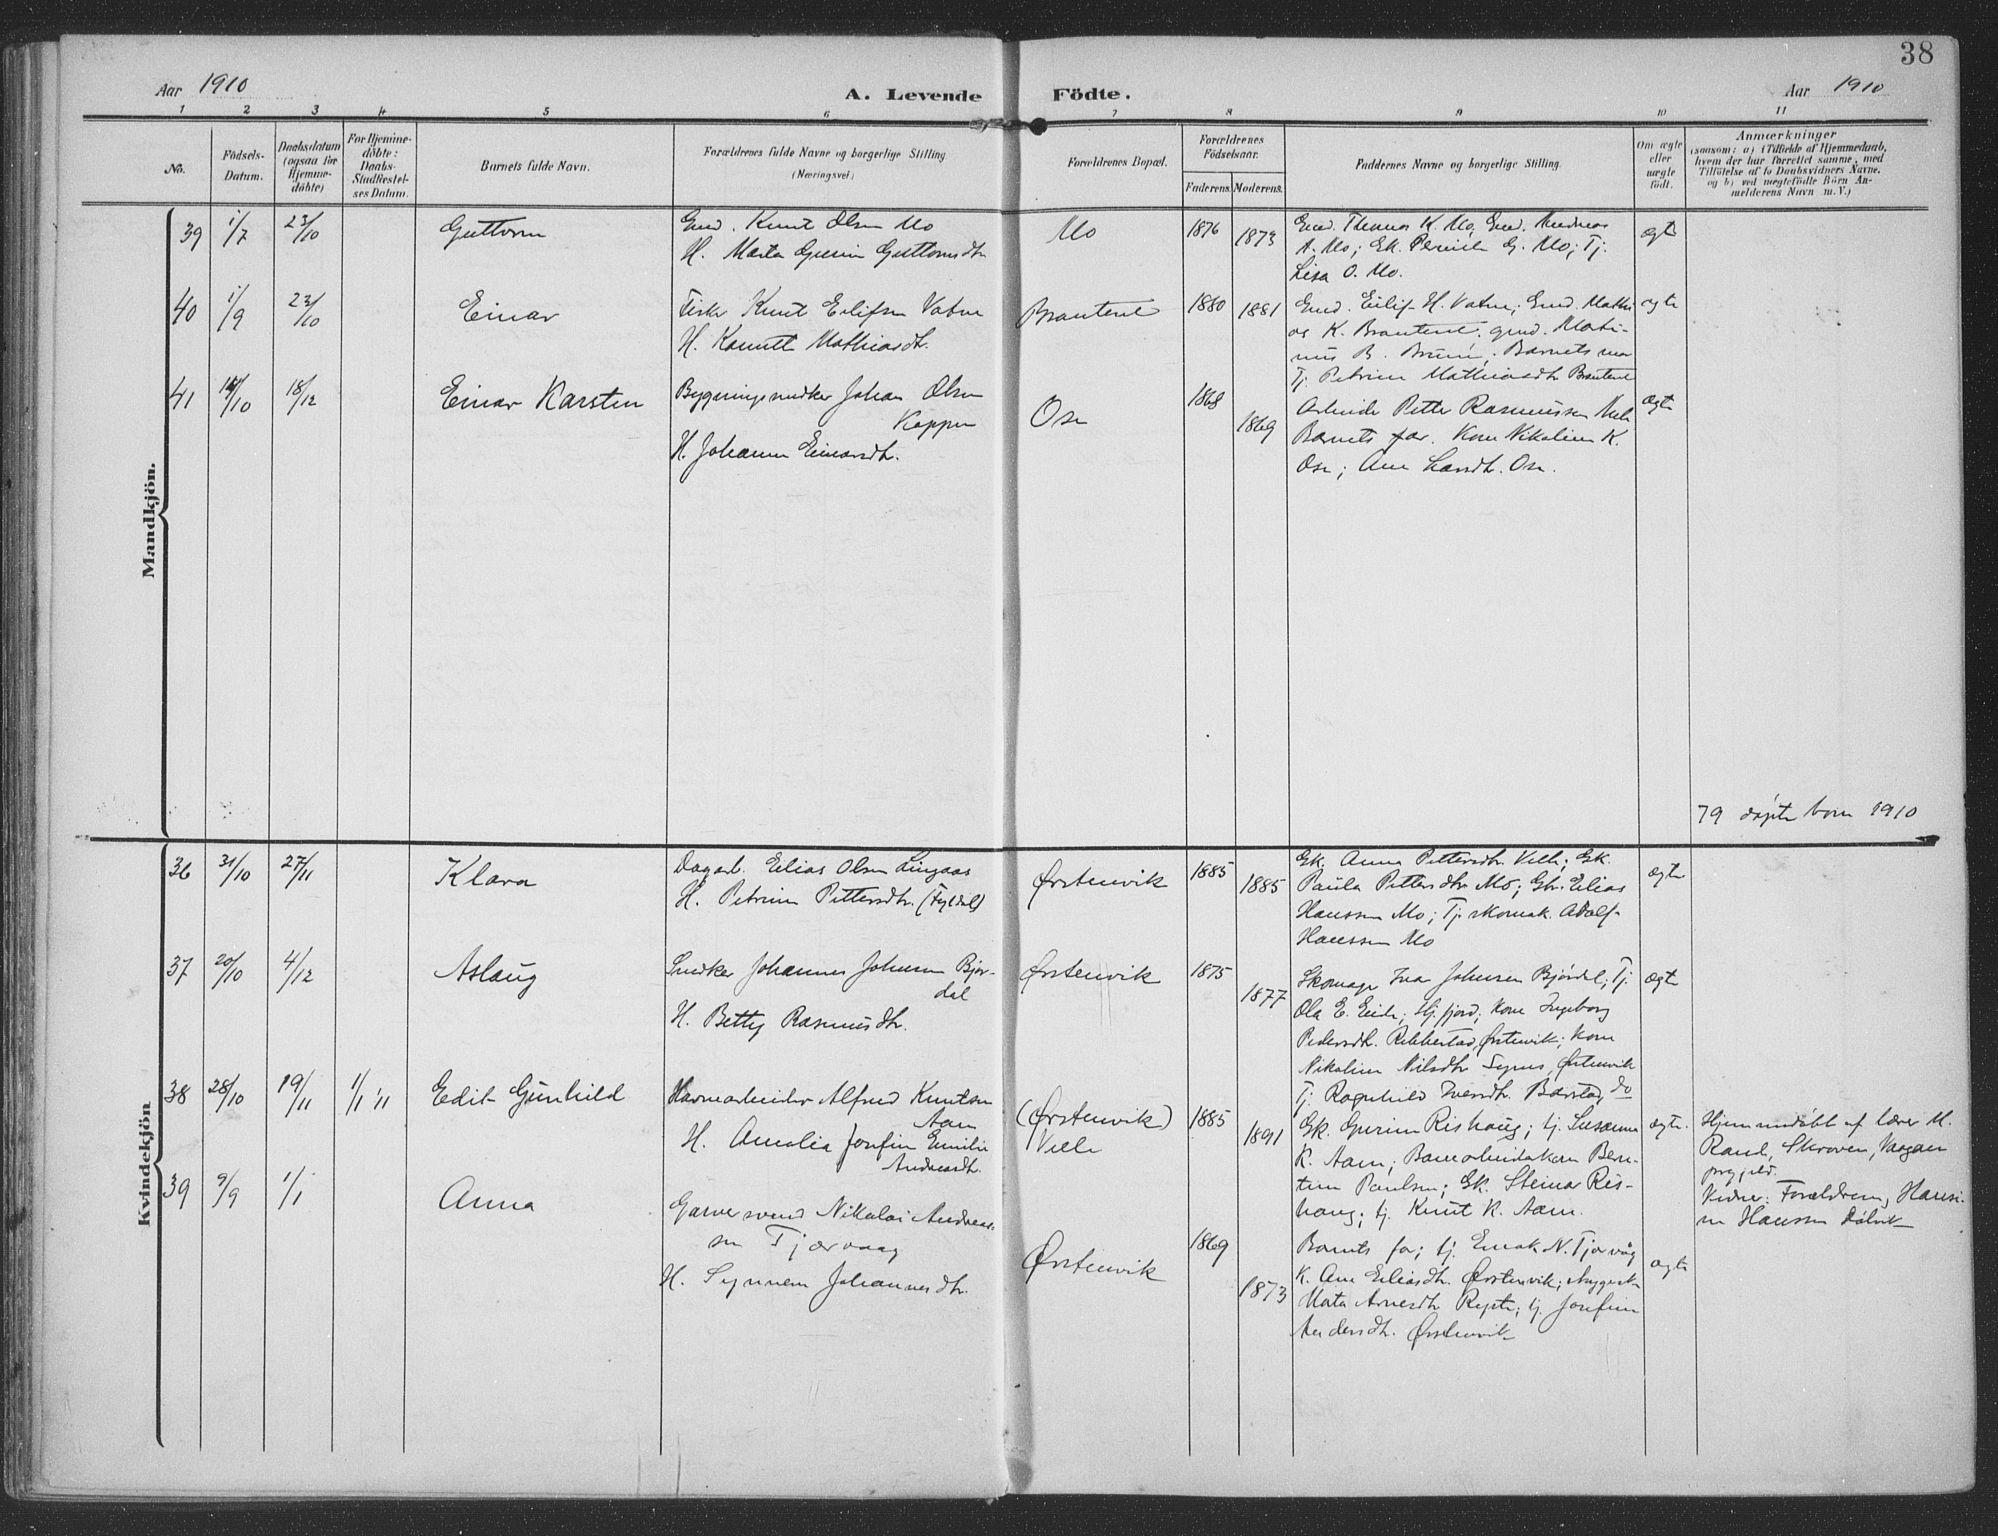 SAT, Ministerialprotokoller, klokkerbøker og fødselsregistre - Møre og Romsdal, 513/L0178: Ministerialbok nr. 513A05, 1906-1919, s. 38